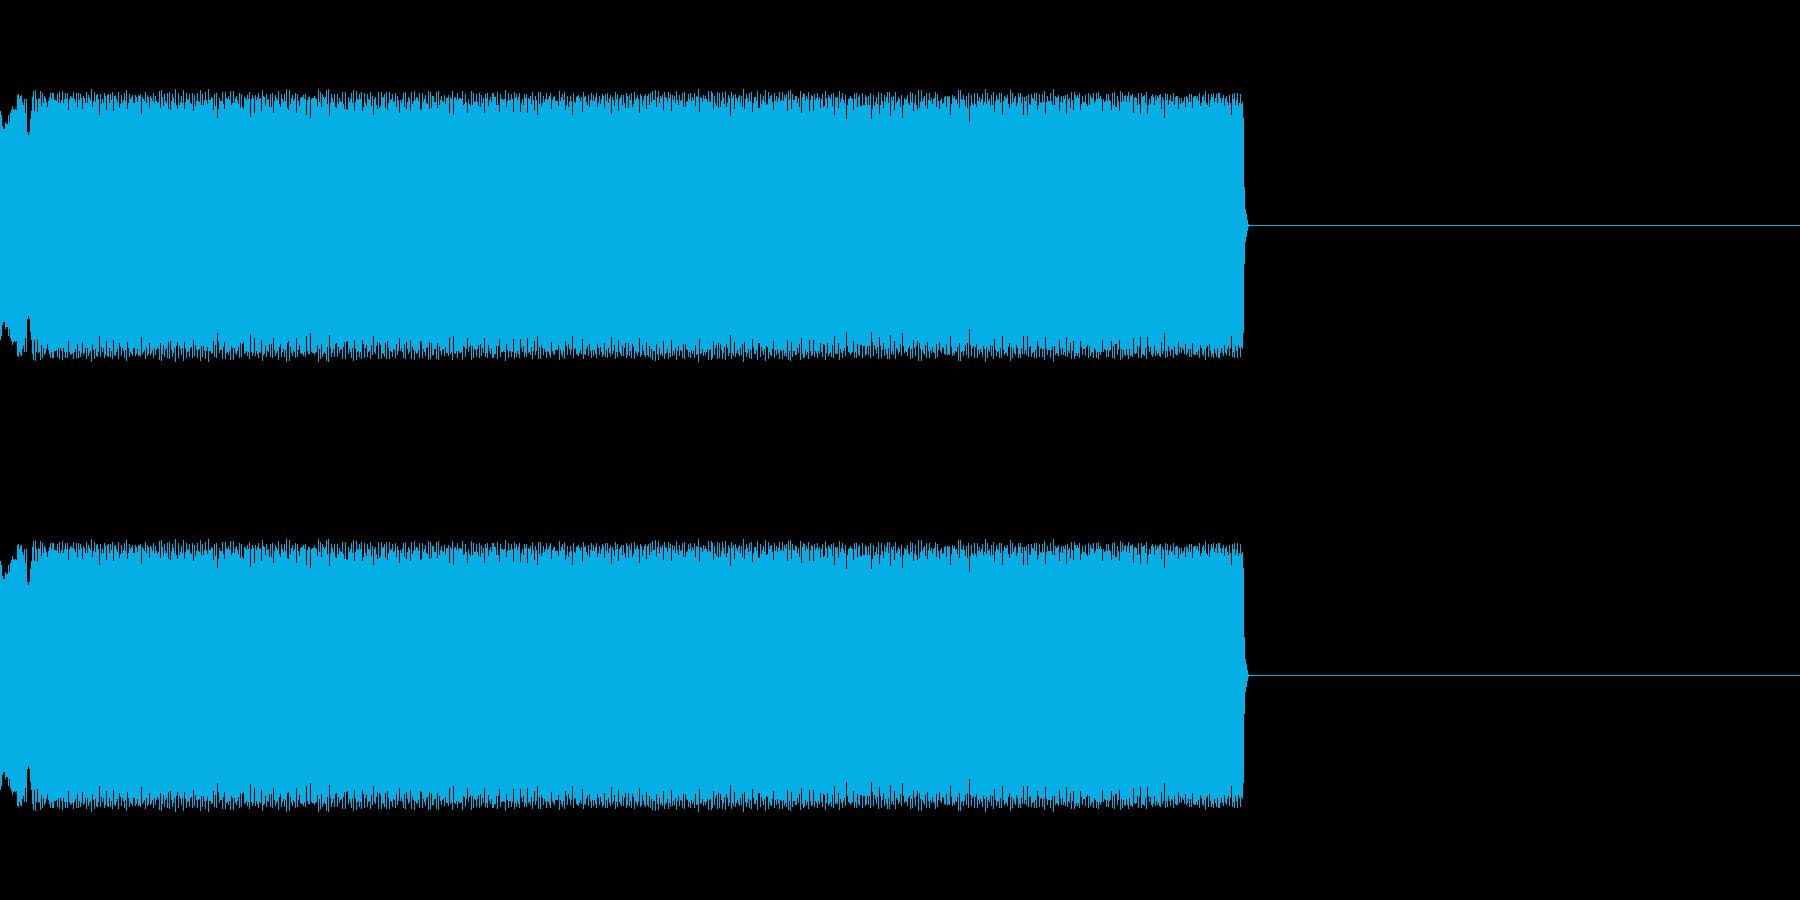 チープなレーザー音の再生済みの波形